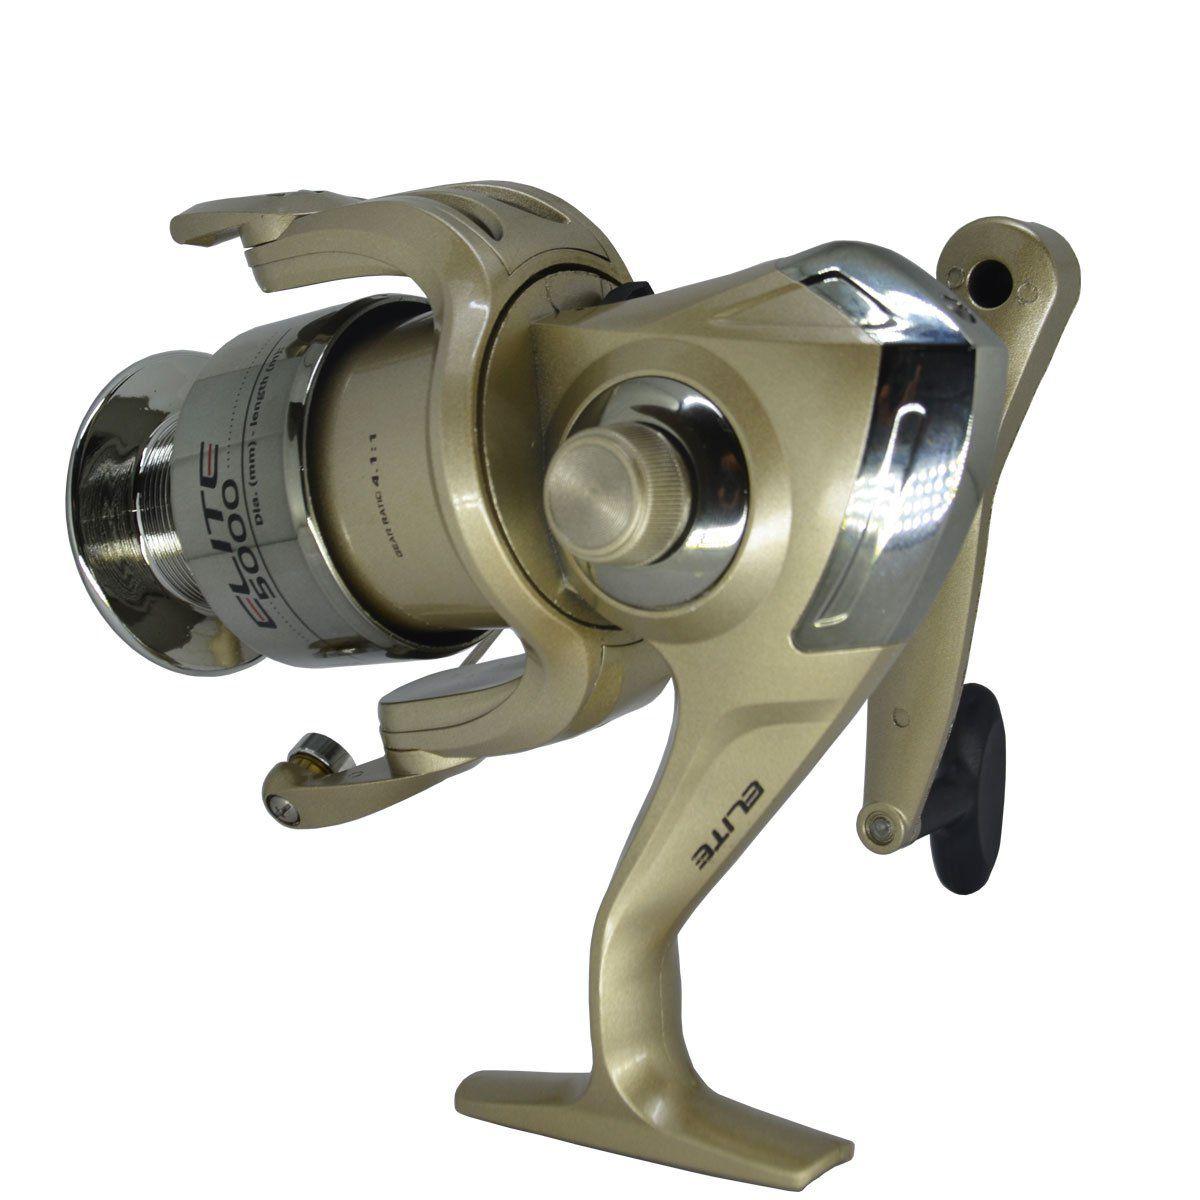 Molinete de Fricção Dianteira Marine Sports Elite 5000F - 3 Rolamentos